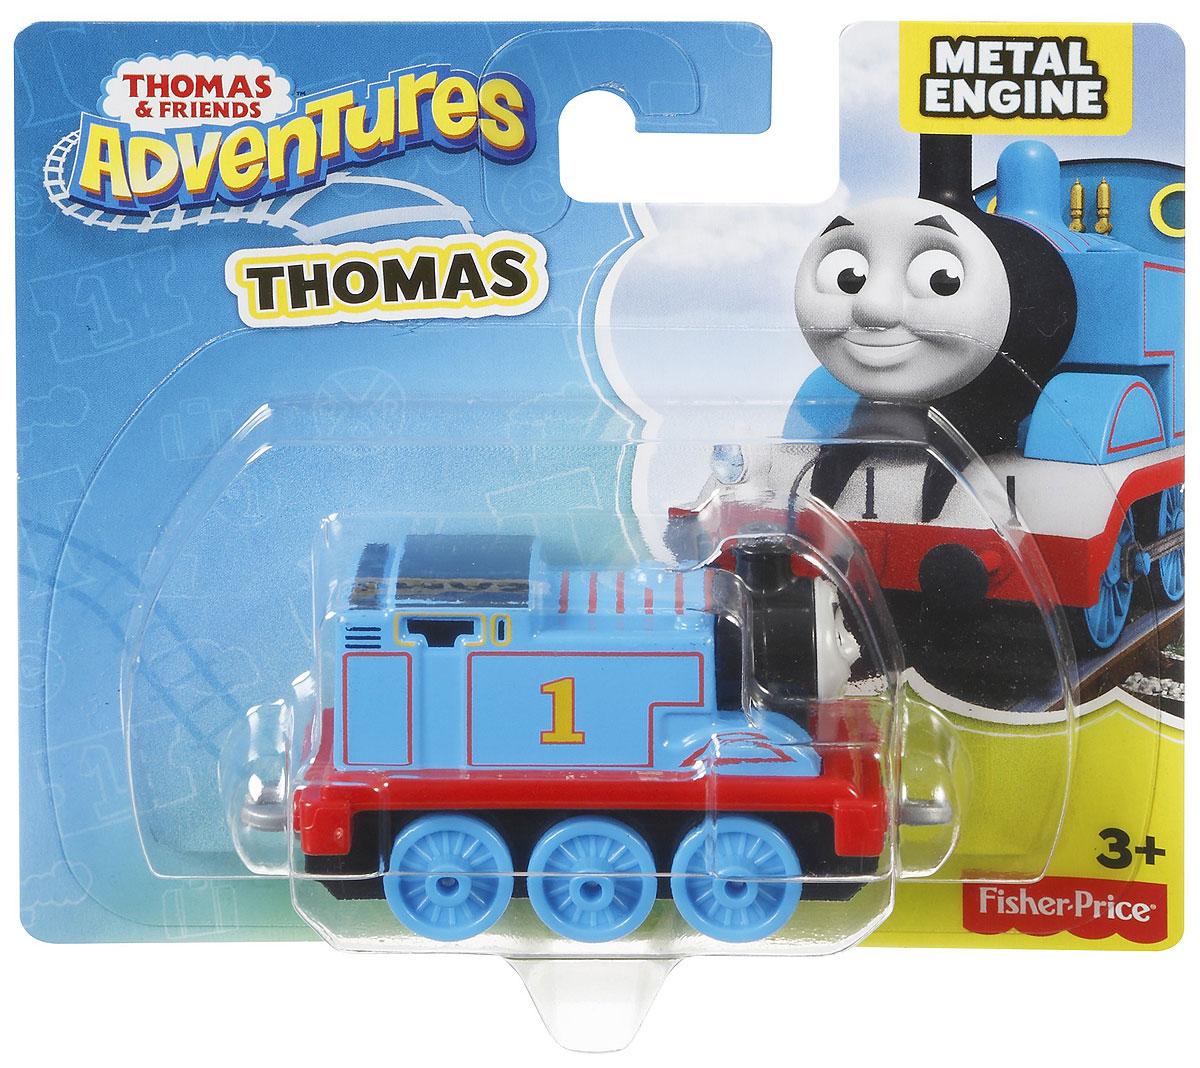 Thomas & Friends Паровозик ТомасDWM28_DXR79Коллекция надежных литых поездов Томас и его друзья с пластиковыми креплениями, чтобы соединять с другими поездами или тендерами из серии Приключения Томаса и его друзей. Идеально для использования с поездами, трассами и наборами Приключения Томаса и его друзей (продаются отдельно, наличие не гарантировано). Помогает развивать крупную моторику и восприятие, развивает воображение.